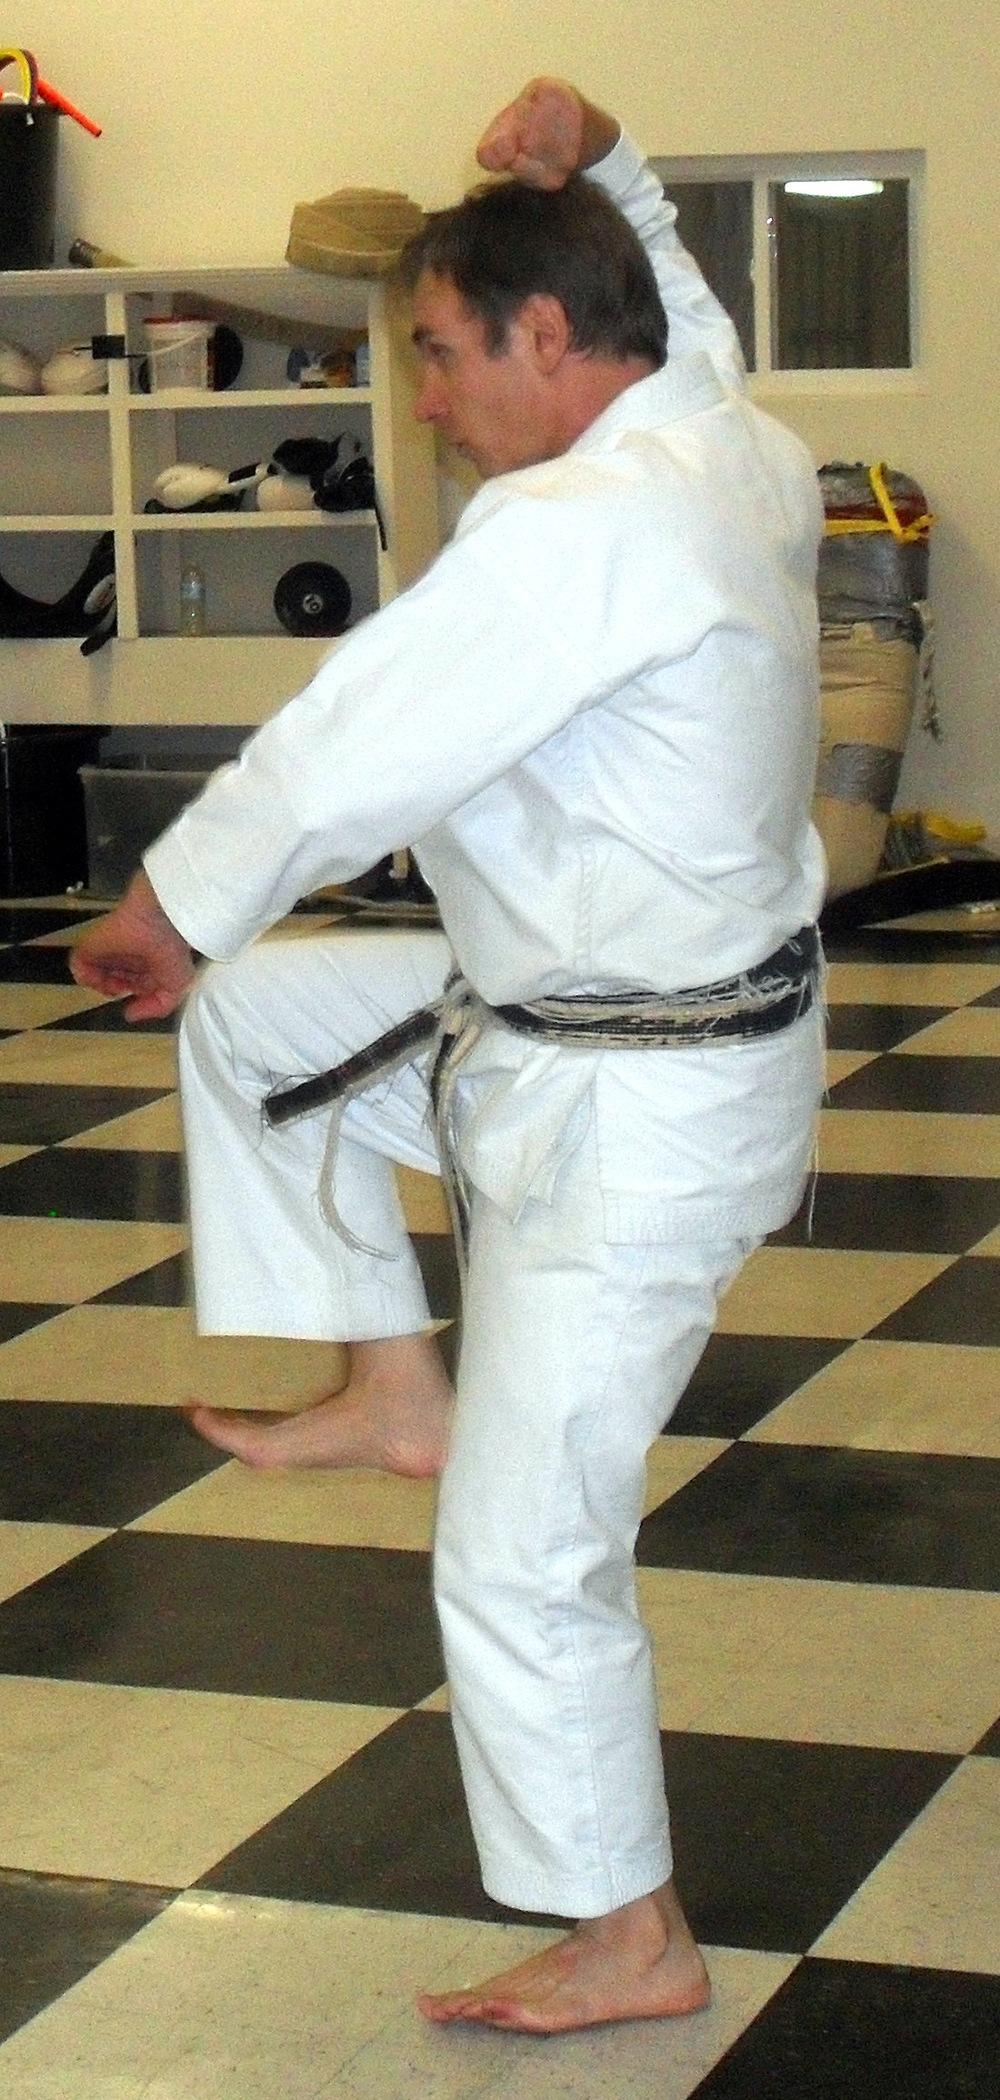 Inside the dojo